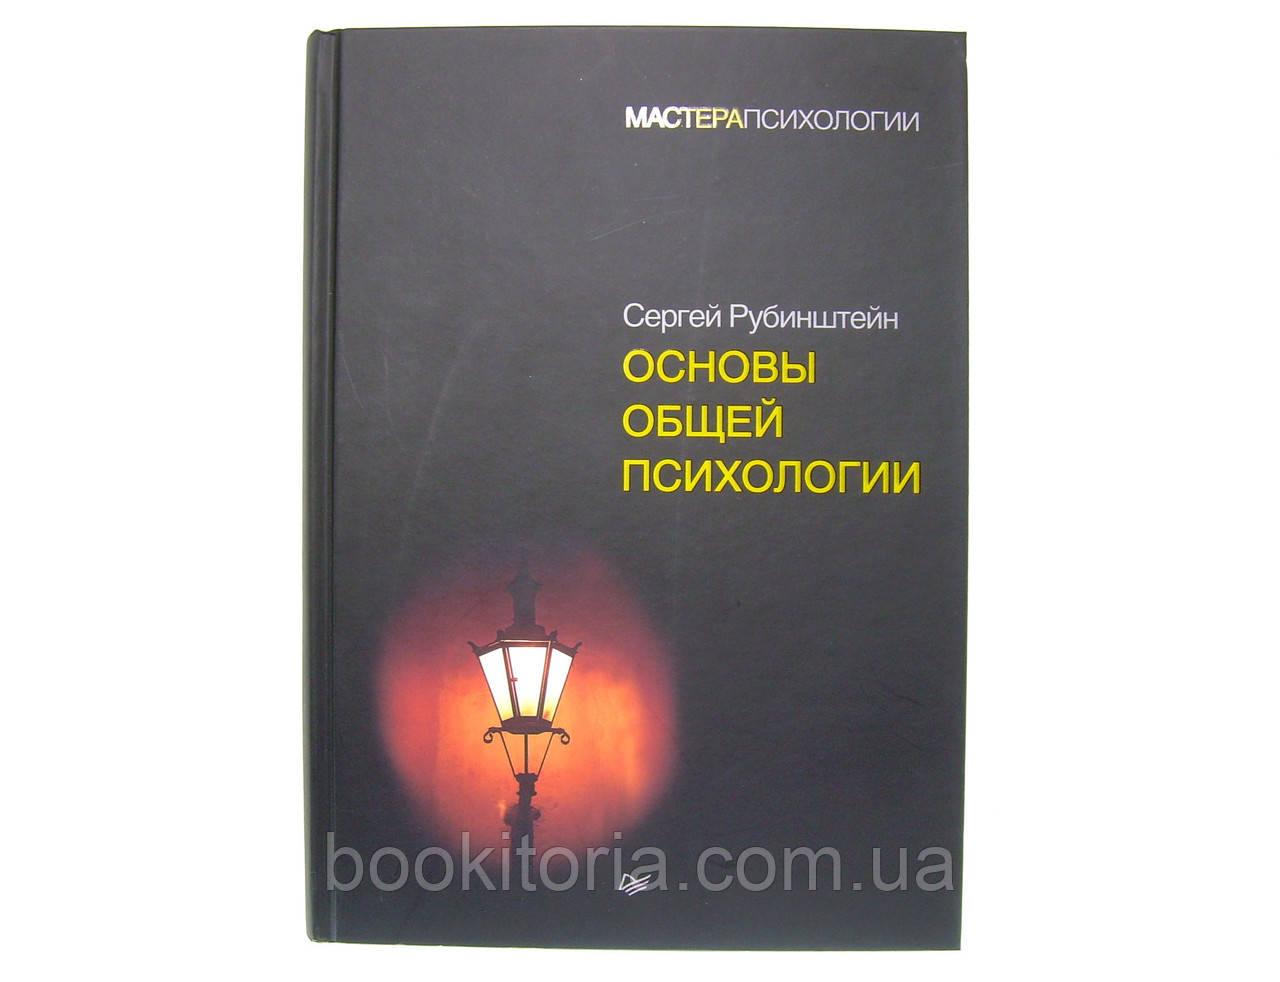 Рубинштейн С.Л. Основы общей психологии.